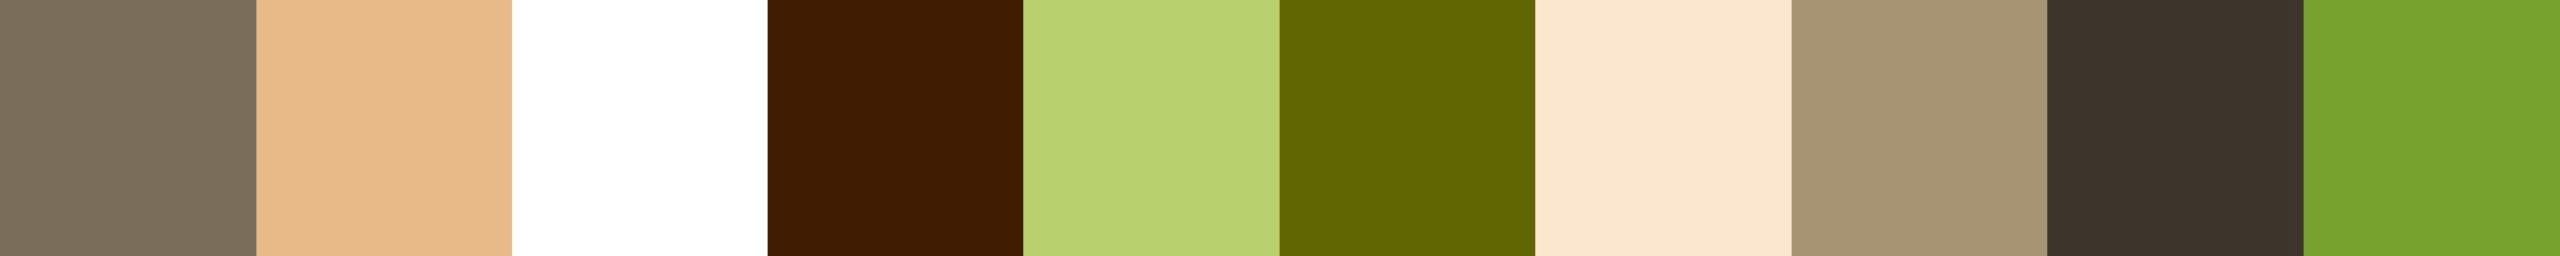 254 Loqiaba Color Palette